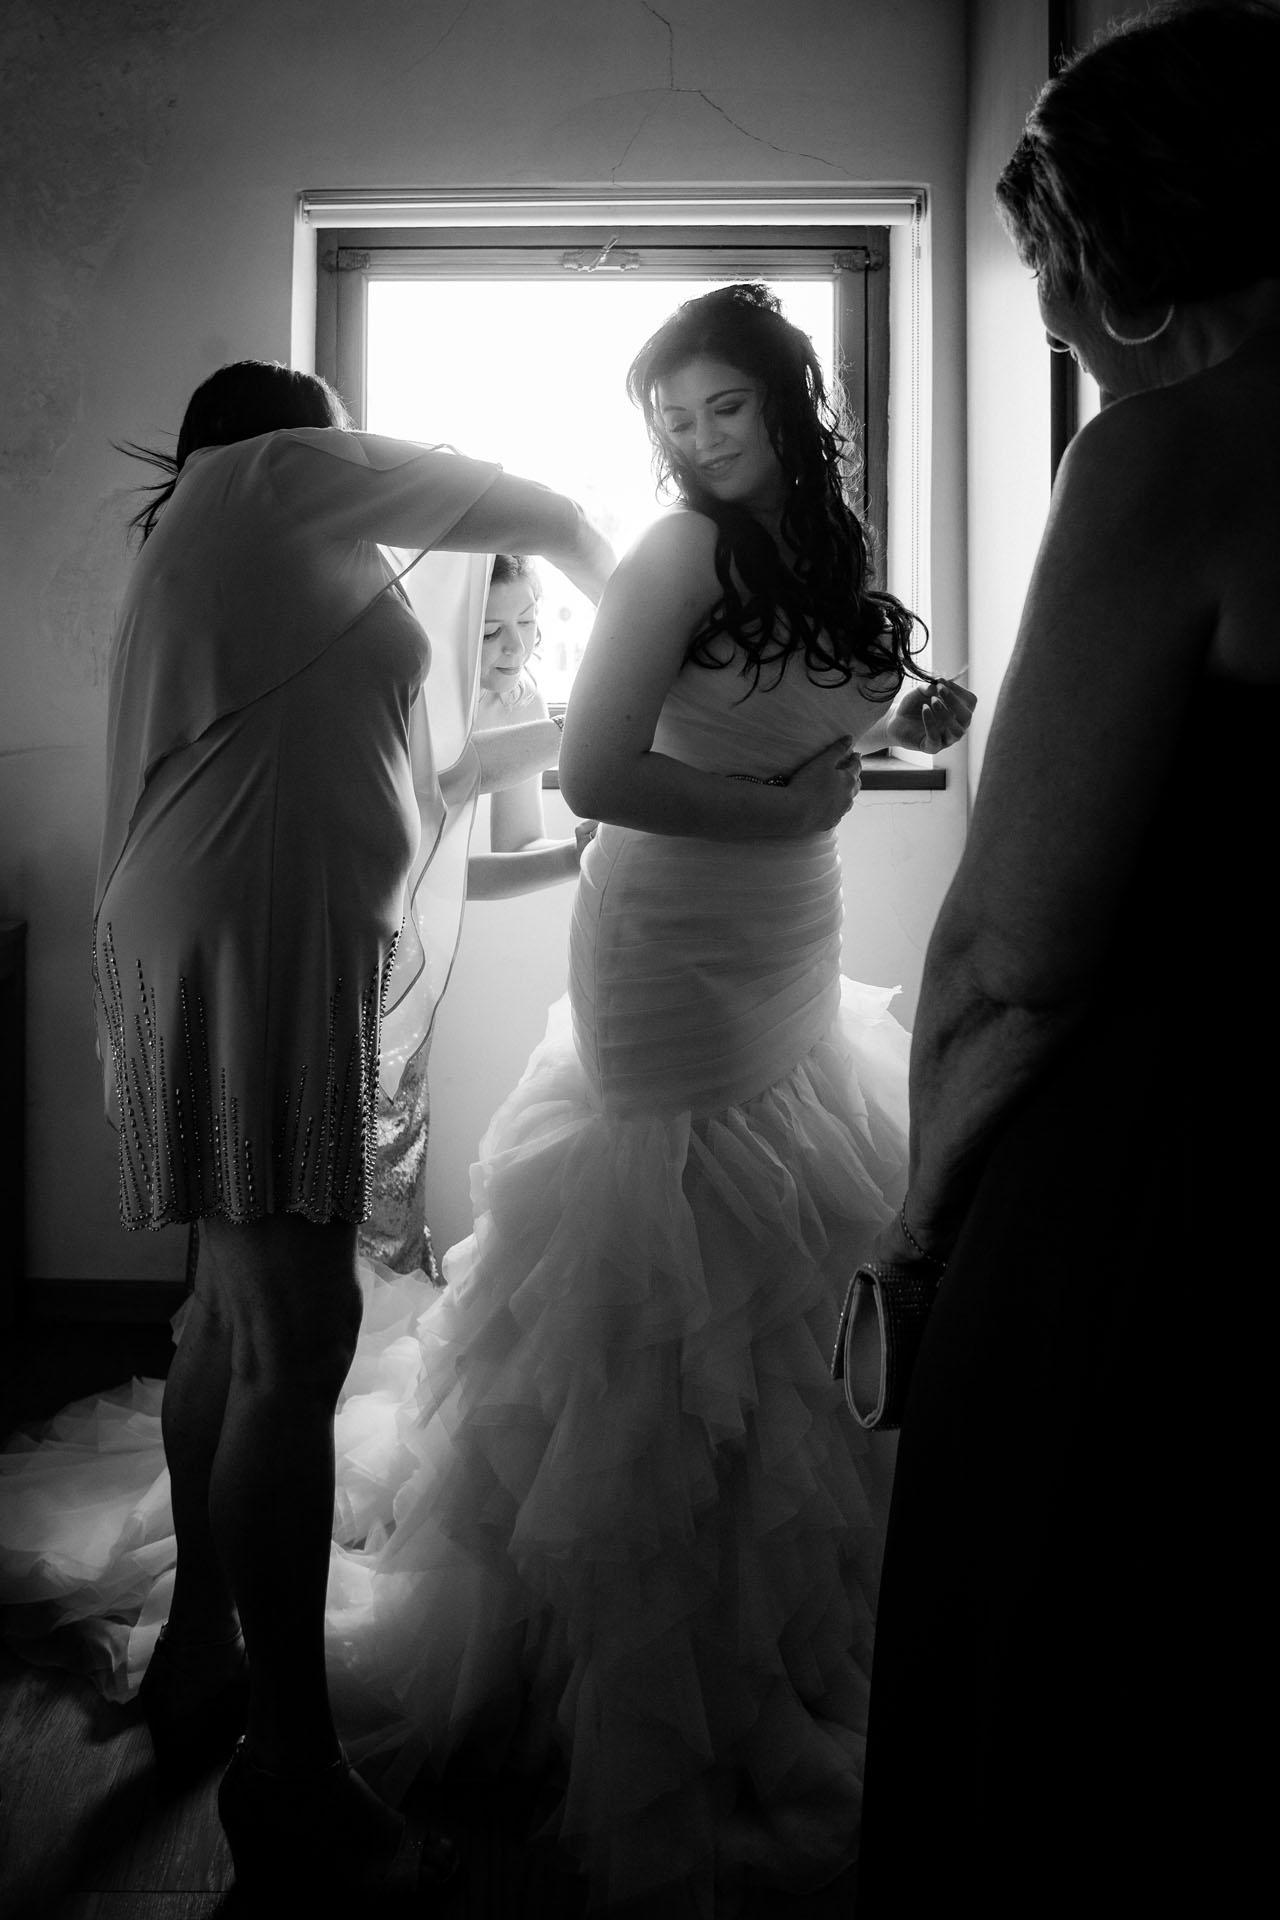 Jessica-Jason-Quasipronta-Weddingdestination-Storytelling-Renato-Zanette-Fotografo-Convento-San-Francesco-Conegliano-Treviso-Veneto